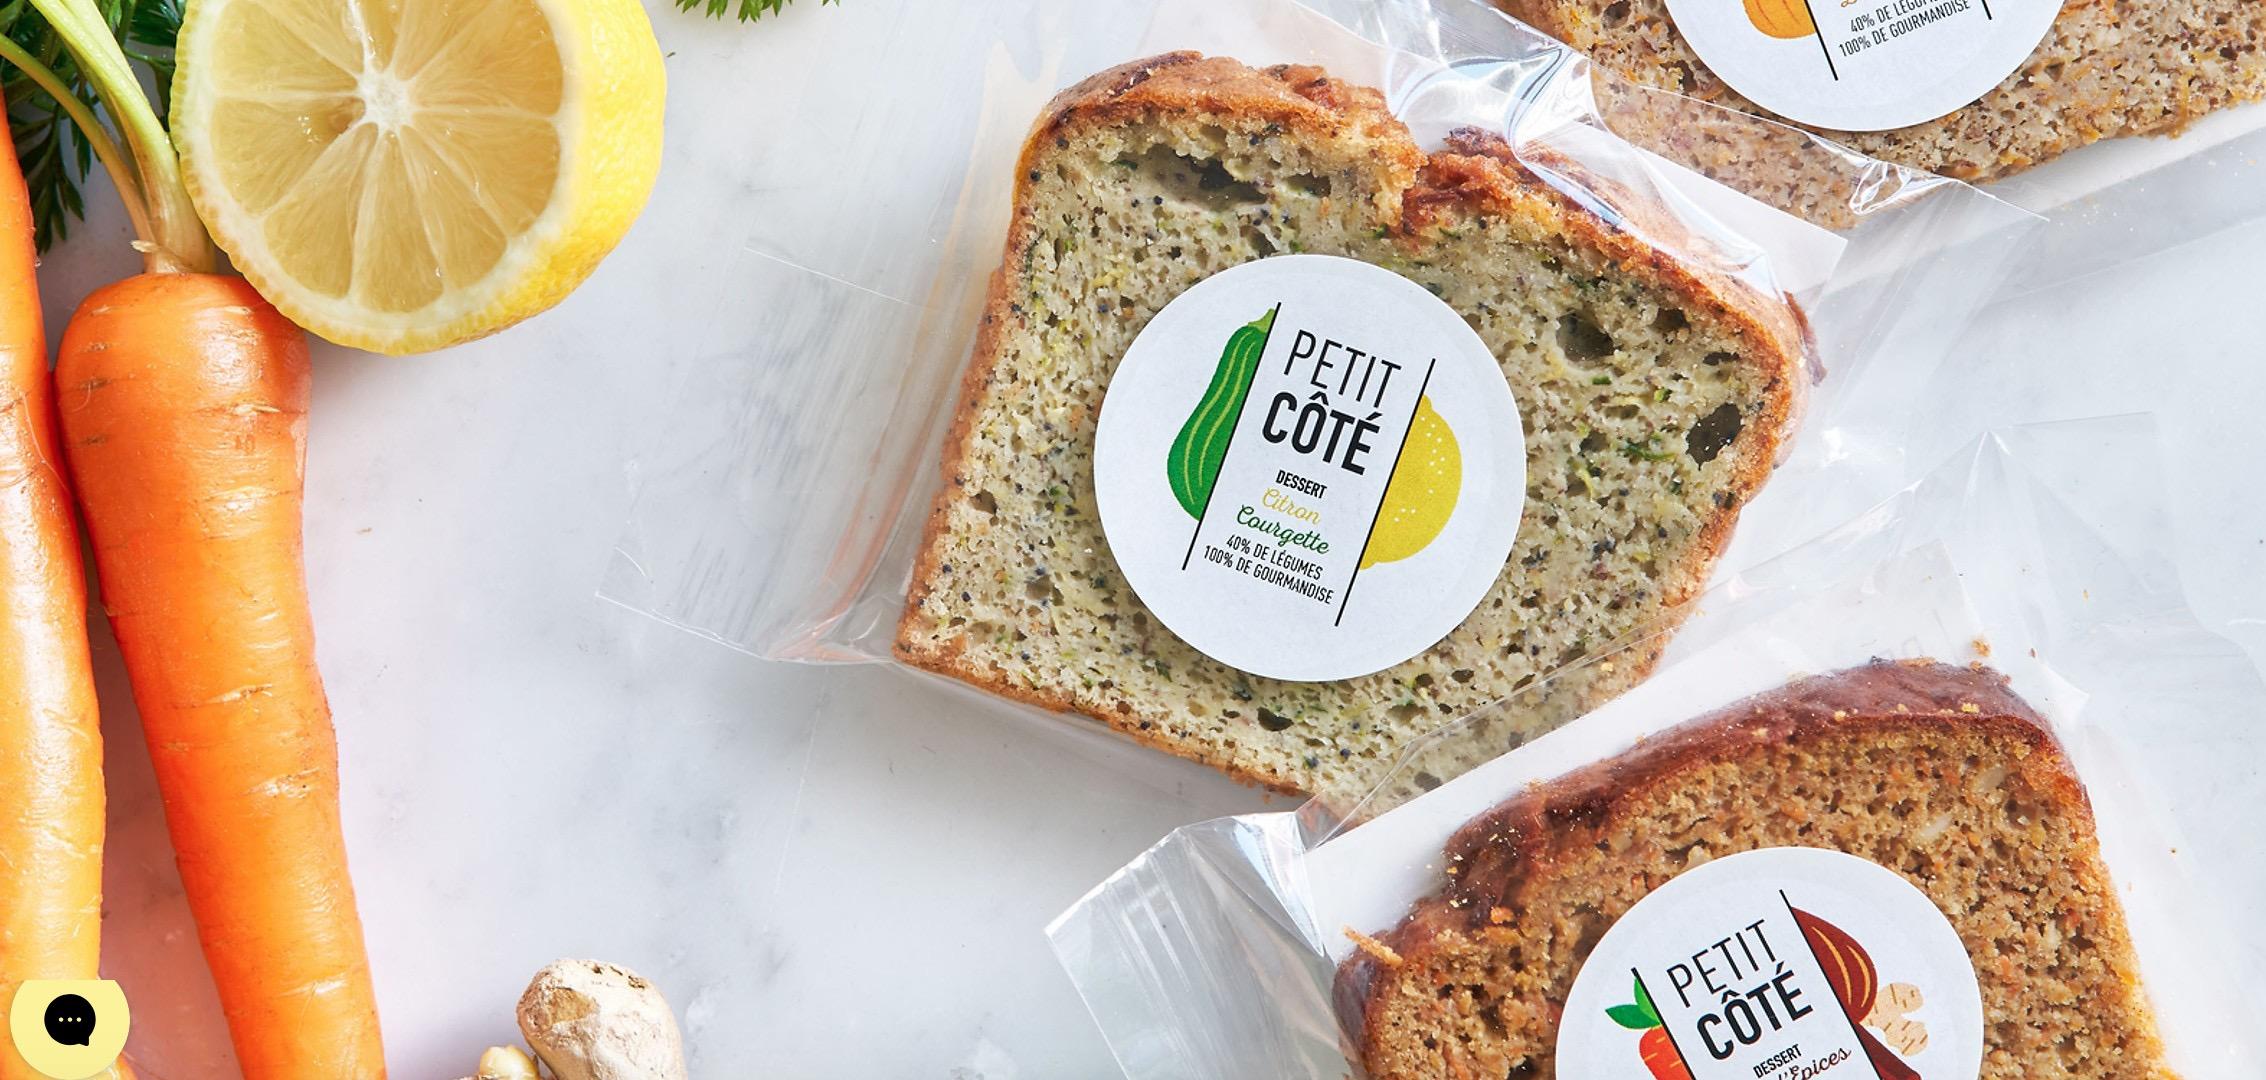 Capture decran 2020 09 10 a 10.28.00 - Petit Côté, la pâtisserie qui fait du bien